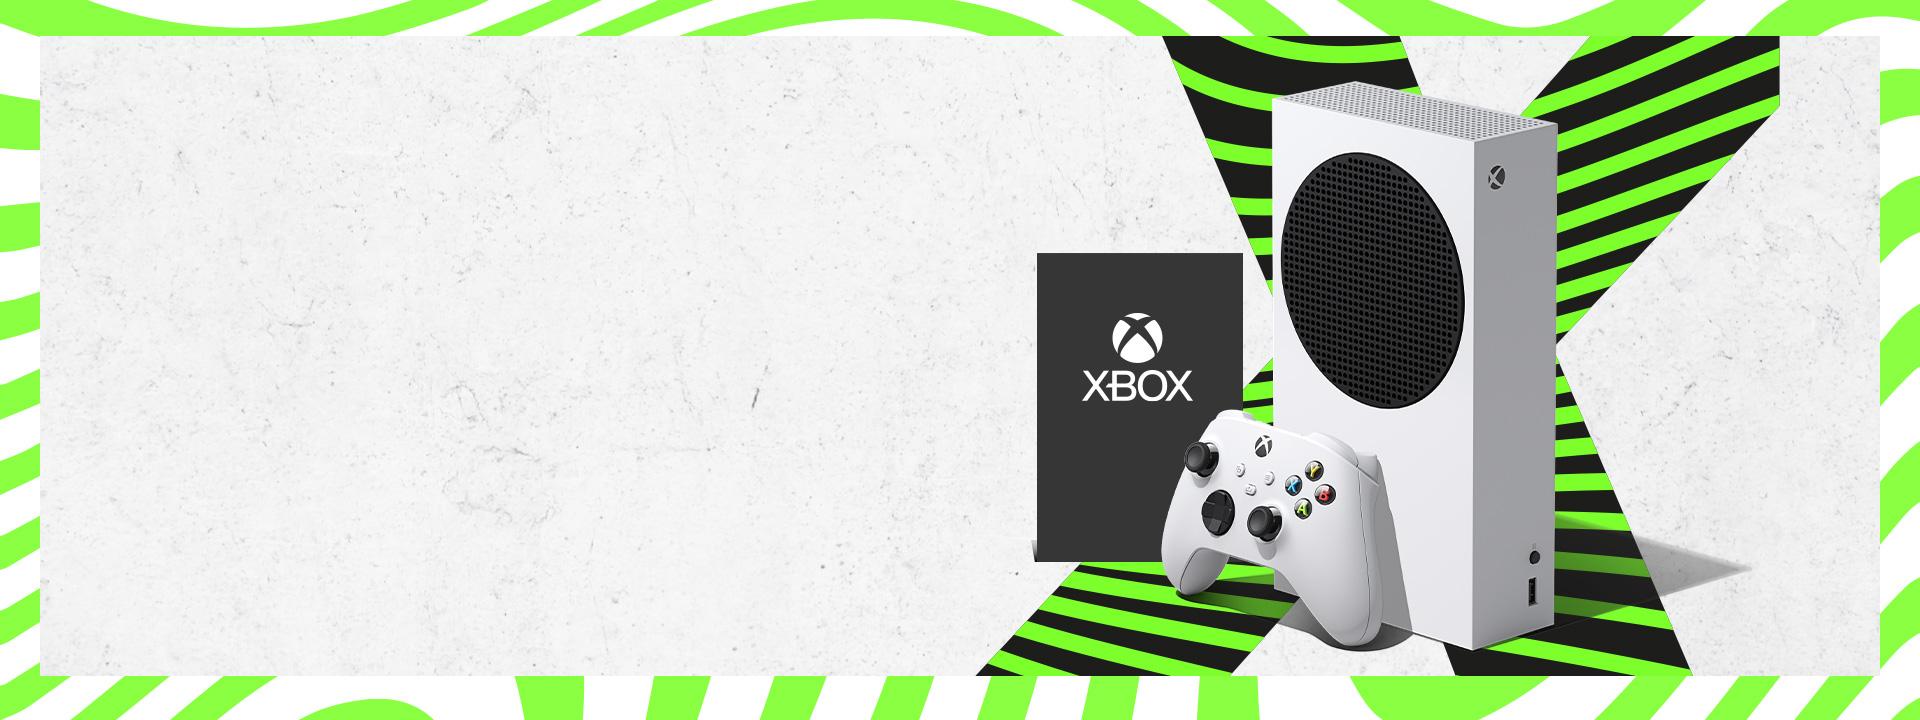 Biela konzola Xbox SeriesS a ovládač vedľa loga Xbox na zelenom a čiernom písmene X.